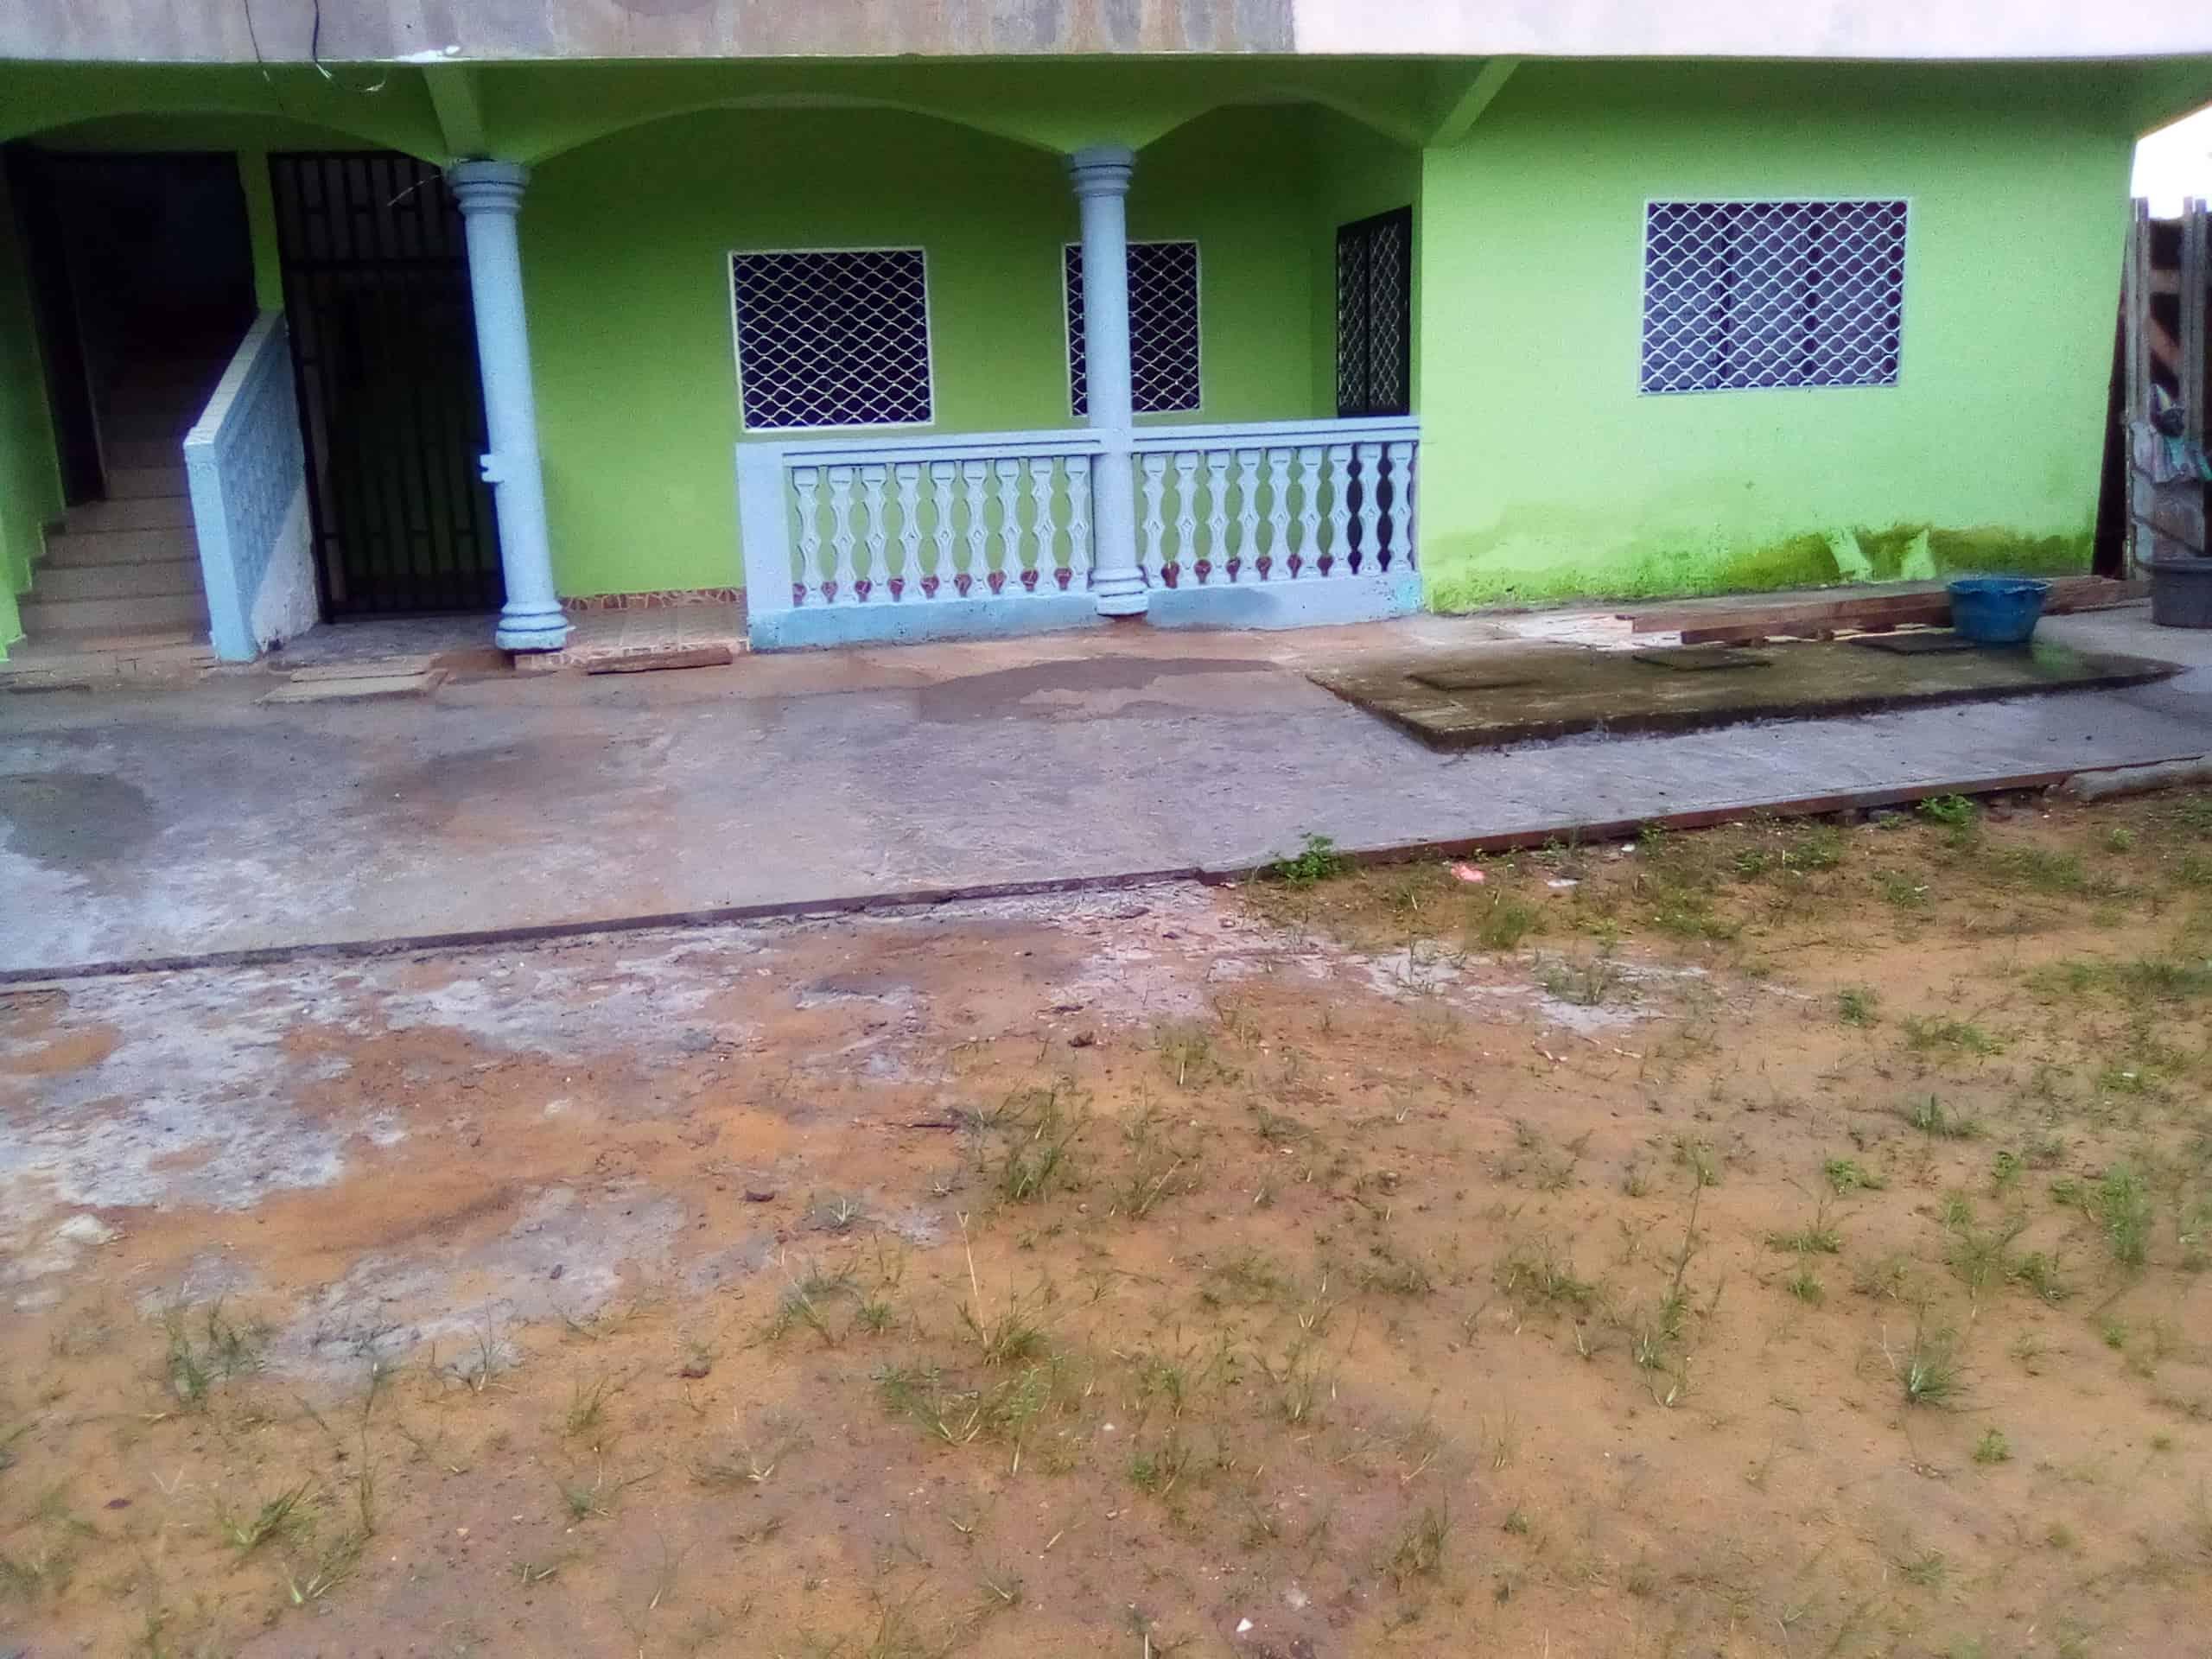 Maison (Villa) à louer - Douala, Makepe, MAKEPE - 1 salon(s), 3 chambre(s), 2 salle(s) de bains - 120 000 FCFA / mois